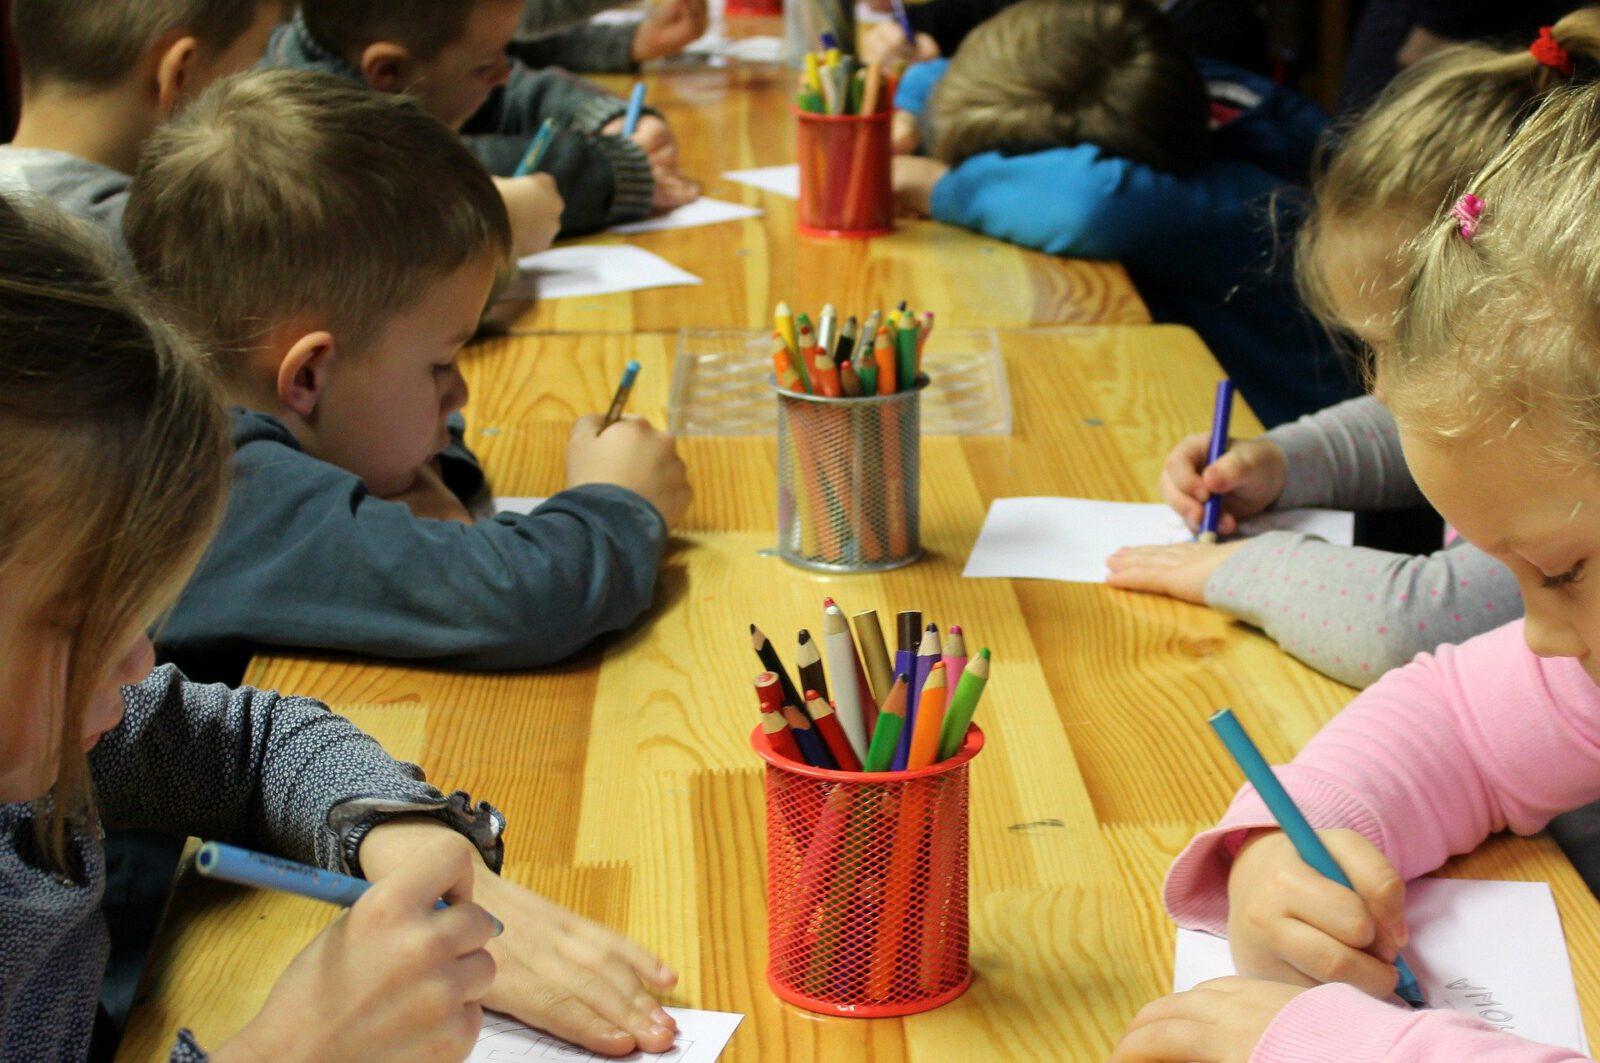 Dzieci w przedszkolu rysują kredkami